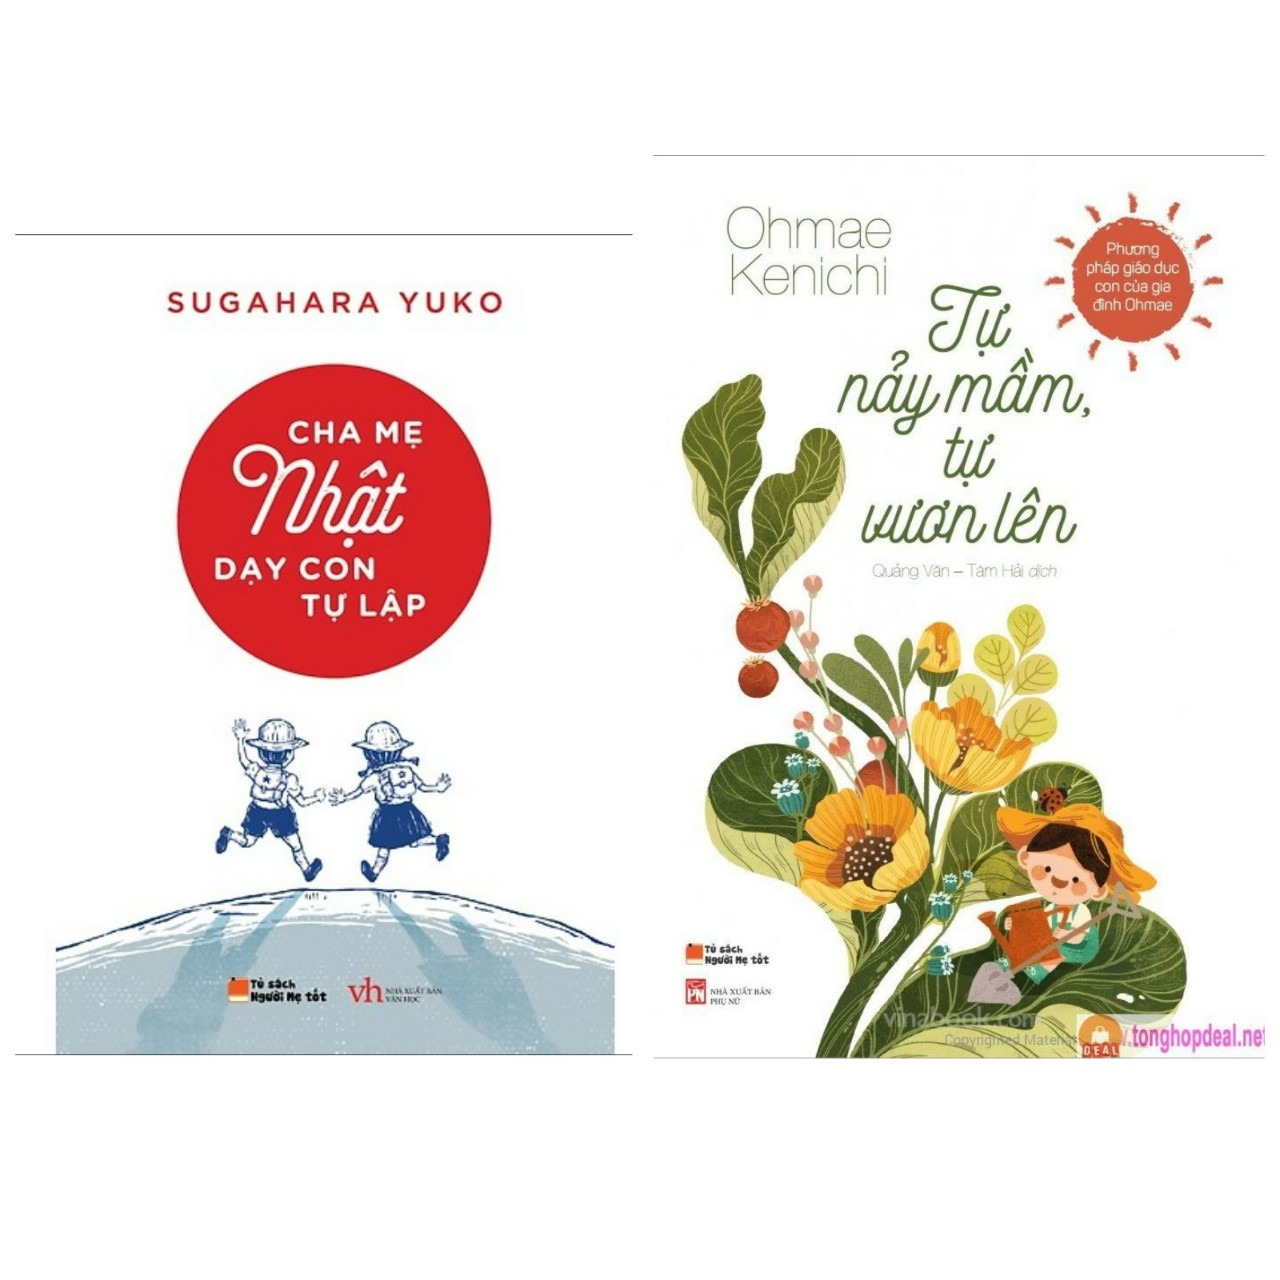 Sách nuôi dậy con hay : Cha Mẹ Nhật Dạy Con Tự Lập + Tự Nảy Mầm, Tự Vươn Lên (Tặng kèm Bookmark Happy Life)